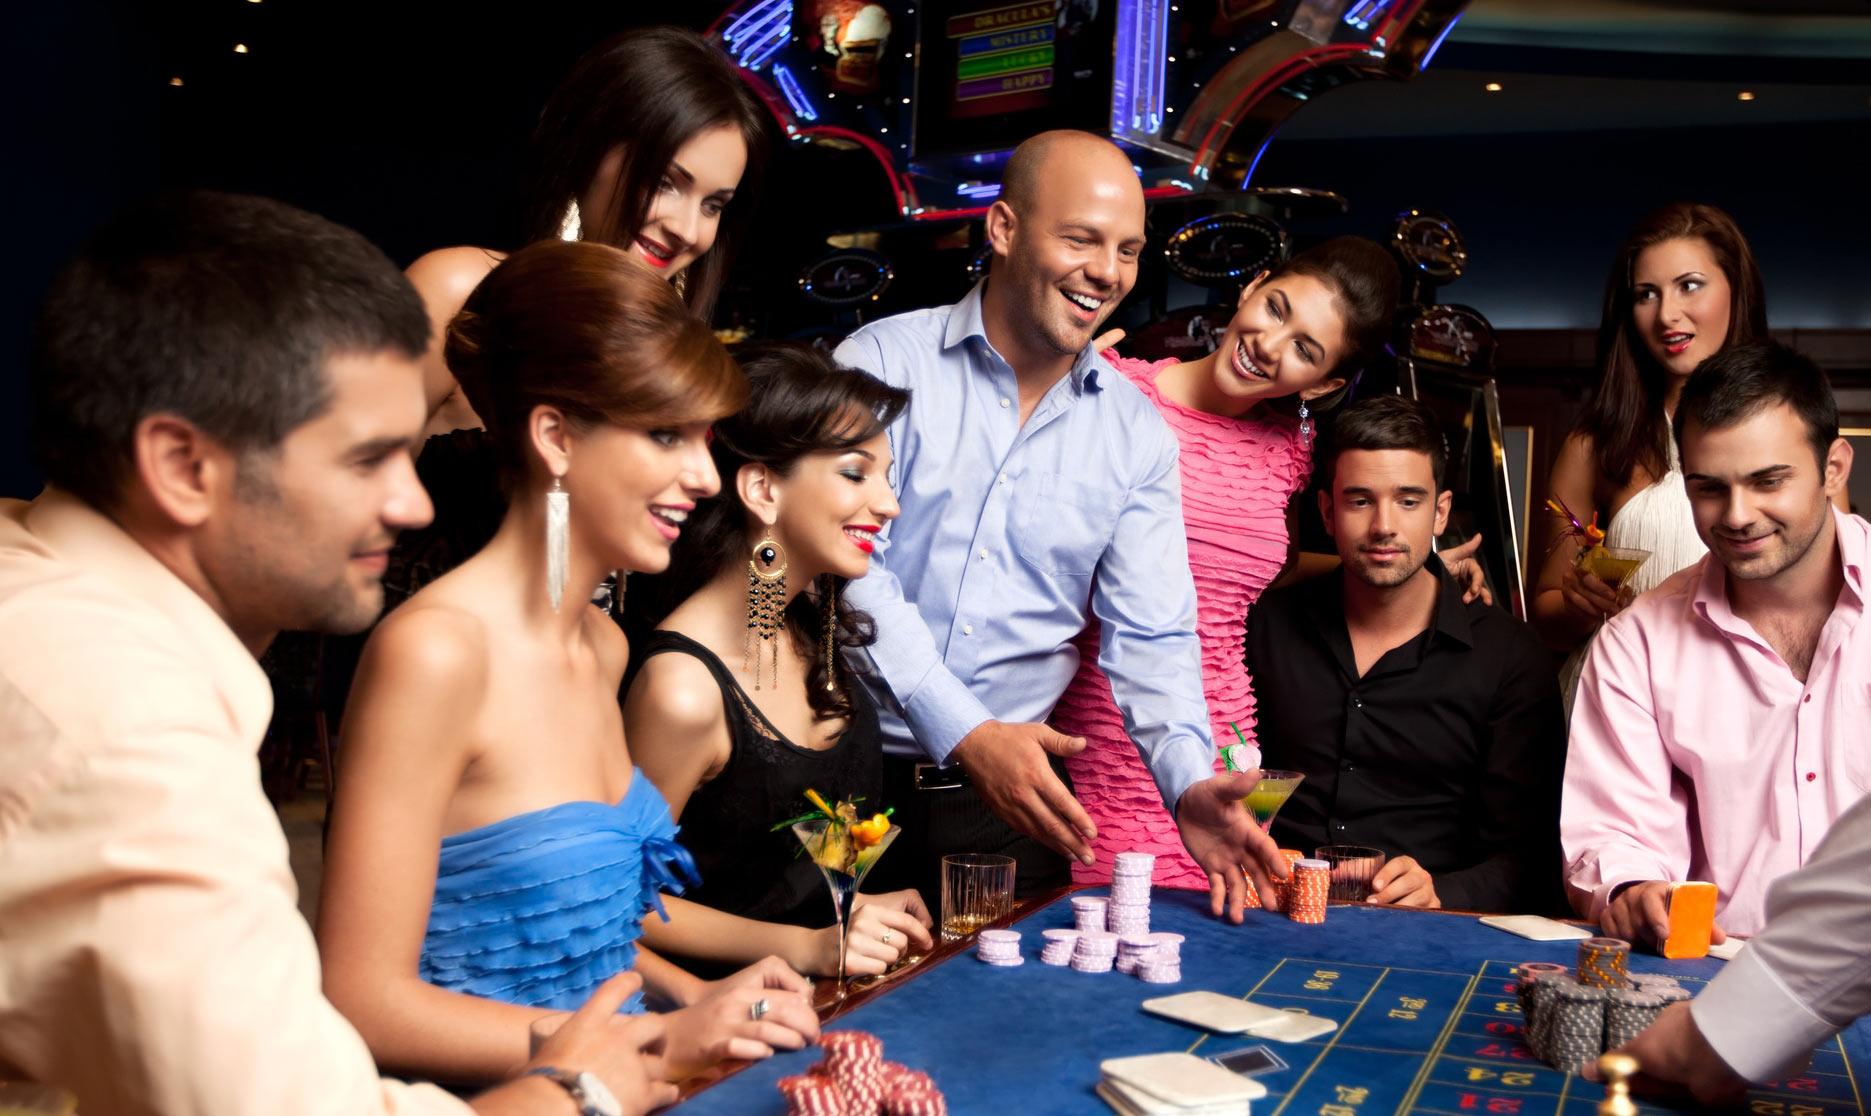 Работа крупье в казино киев шаблоны joomla покер казино карты